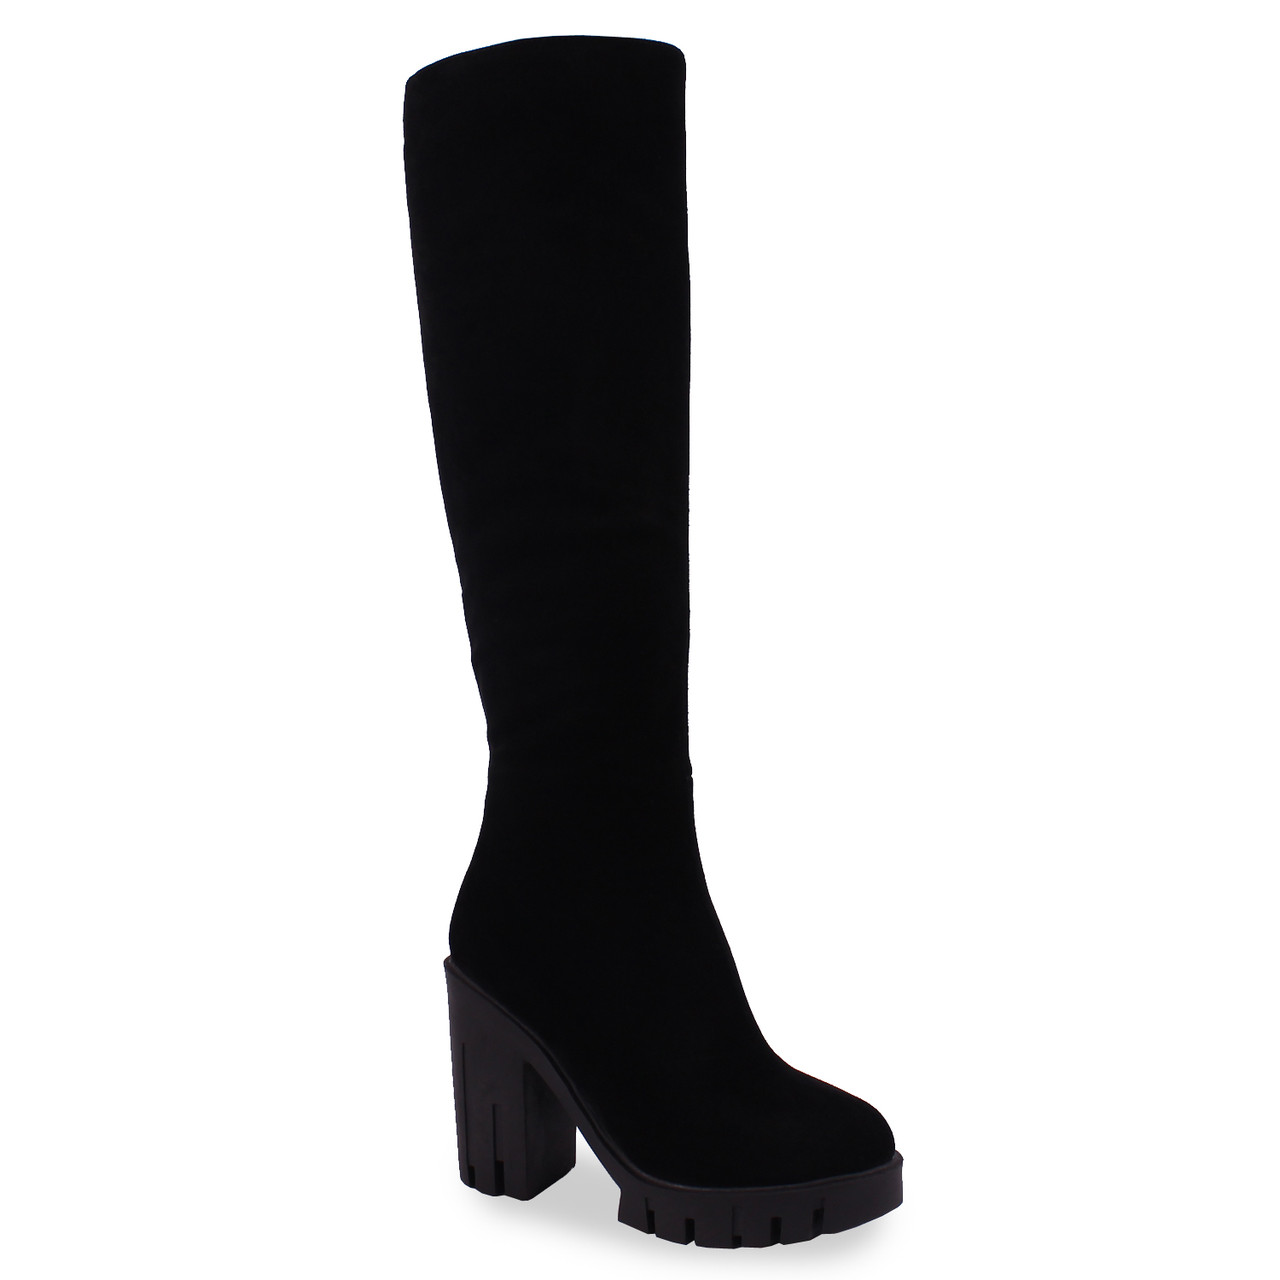 7f017190a Женские сапоги Mainila (замшевые, черные, зимние, теплые, на каблуке, на  толстой подошве)